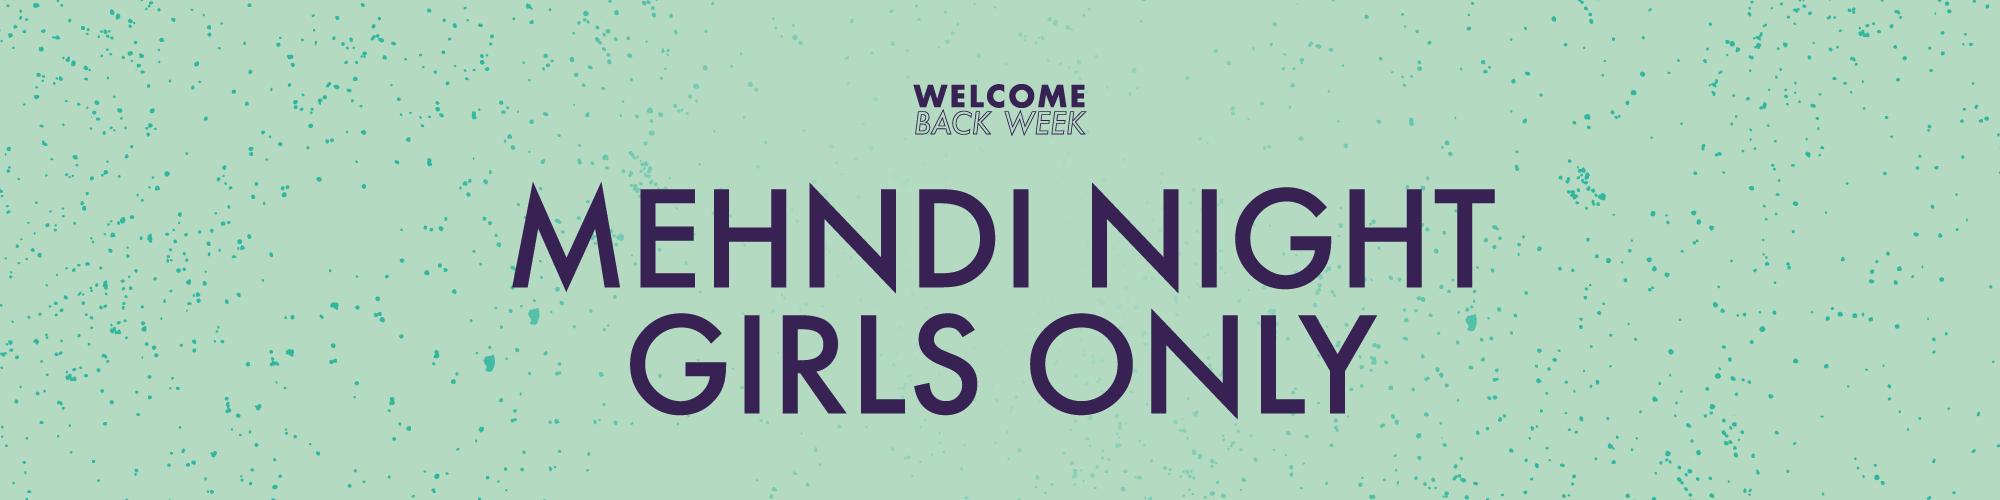 Mehndi Night Girls Only